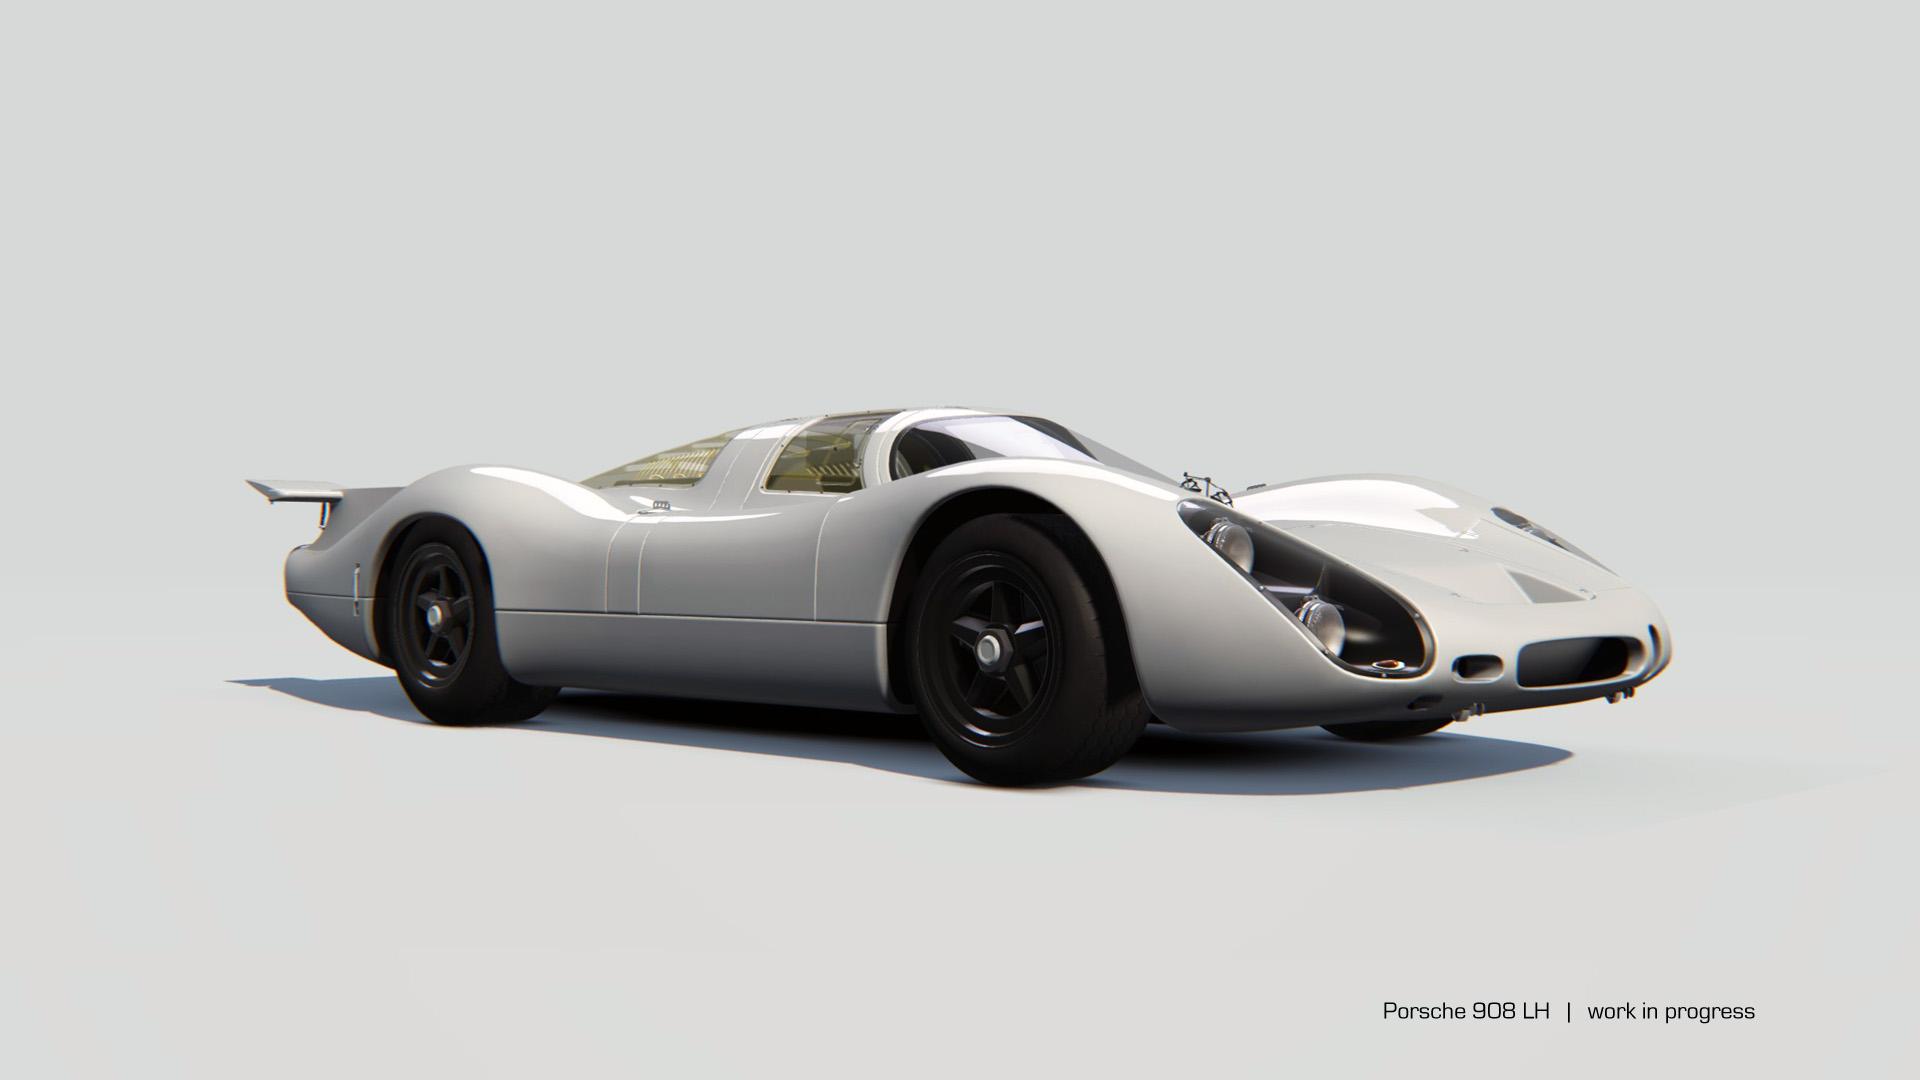 Tři DLC přidají vozy Porsche do Assetto Corsa 132687